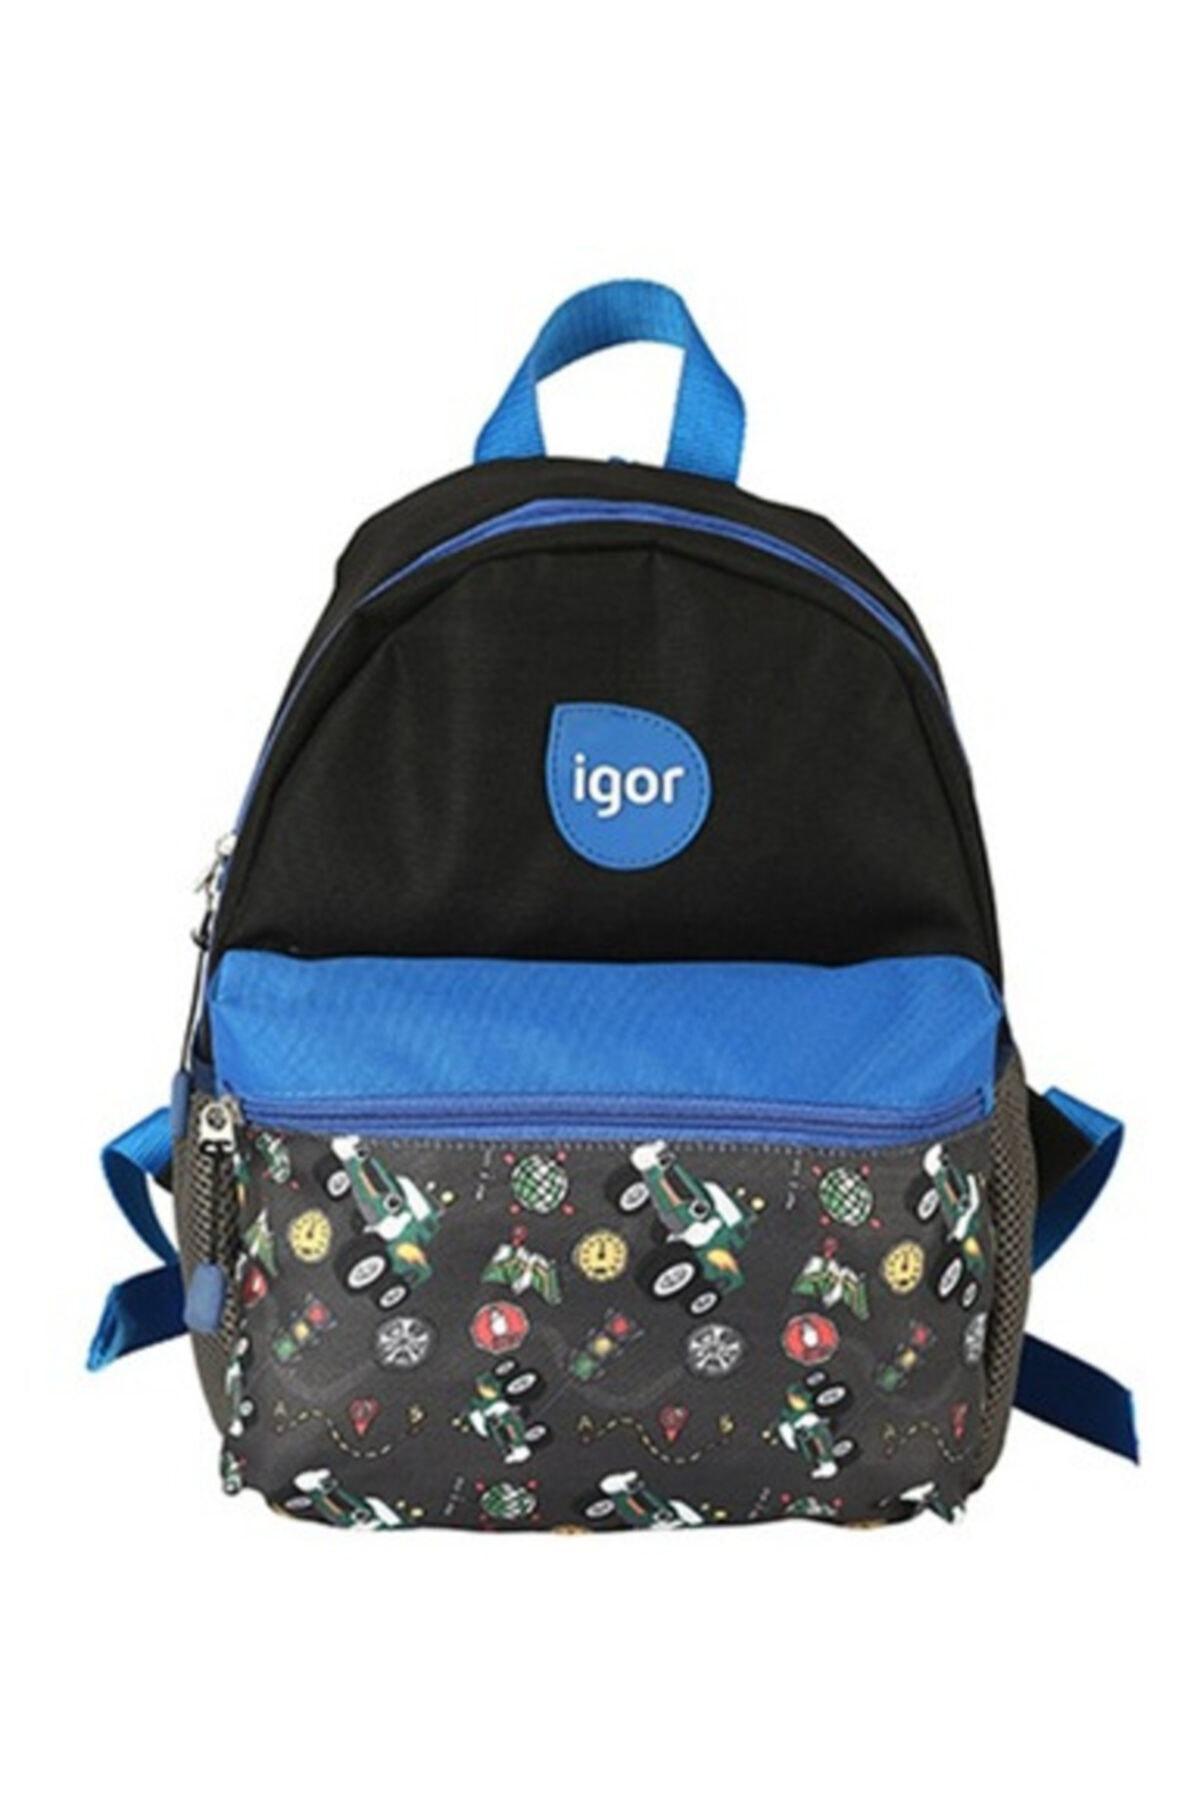 IGOR 9663 Lucky Okul Çantası W80319-new215(w80319-new215new21... 1